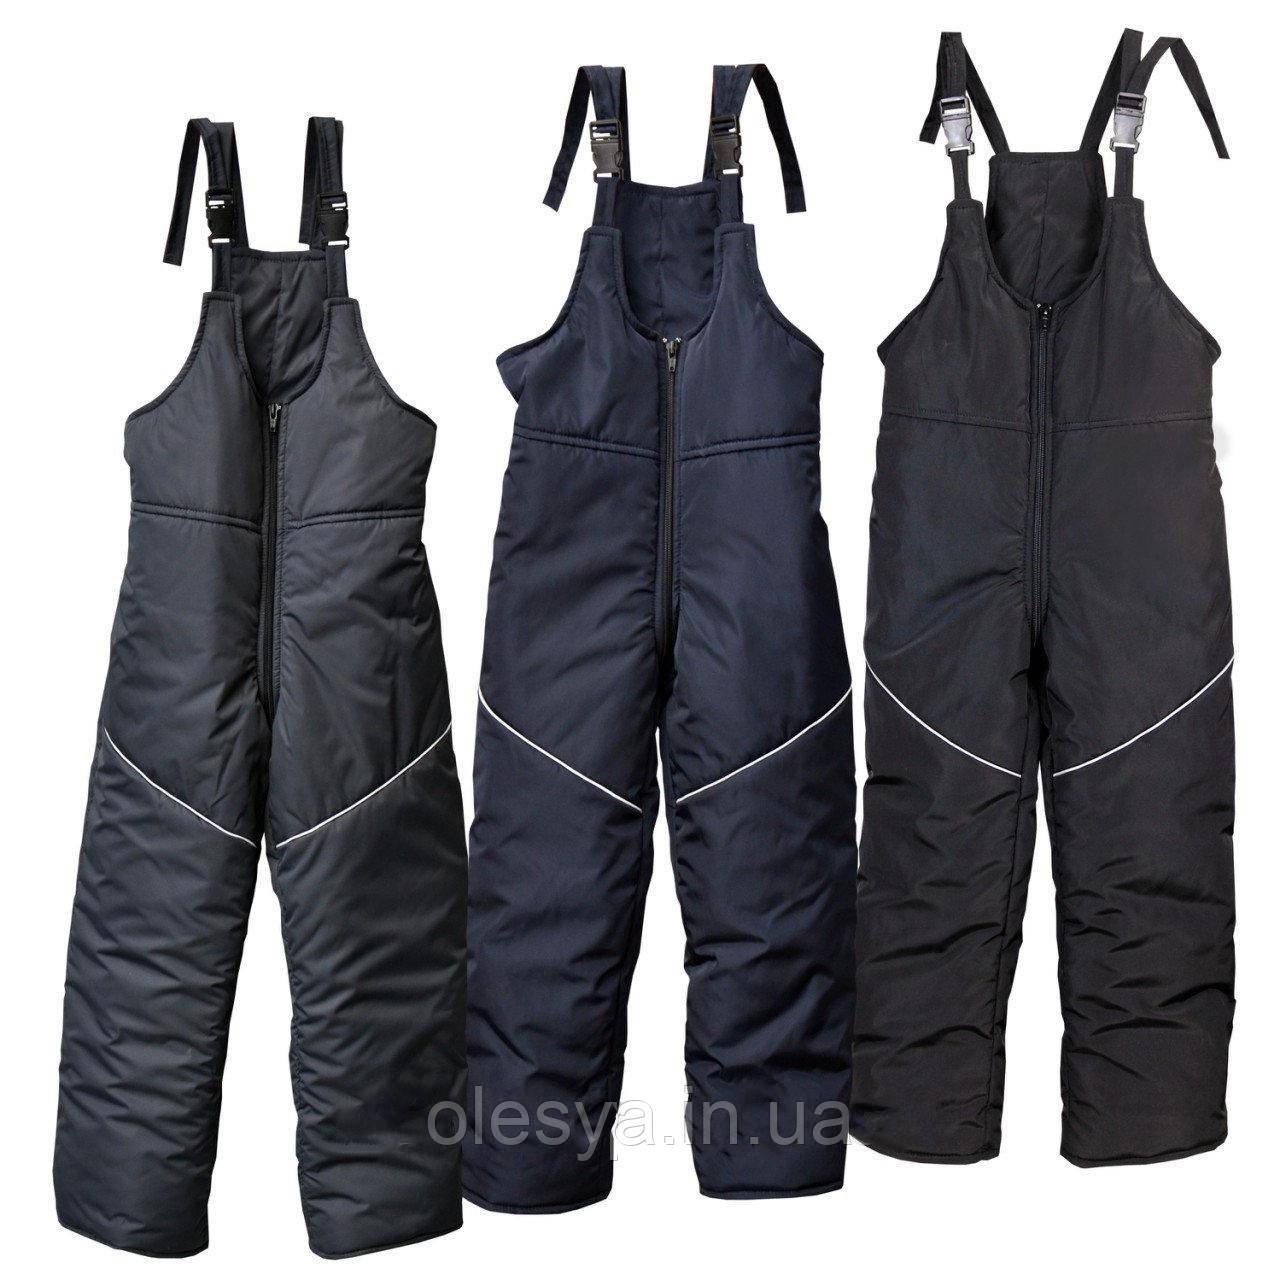 Детский зимний полукомбинезон, зимние штаны Размеры 98- 116